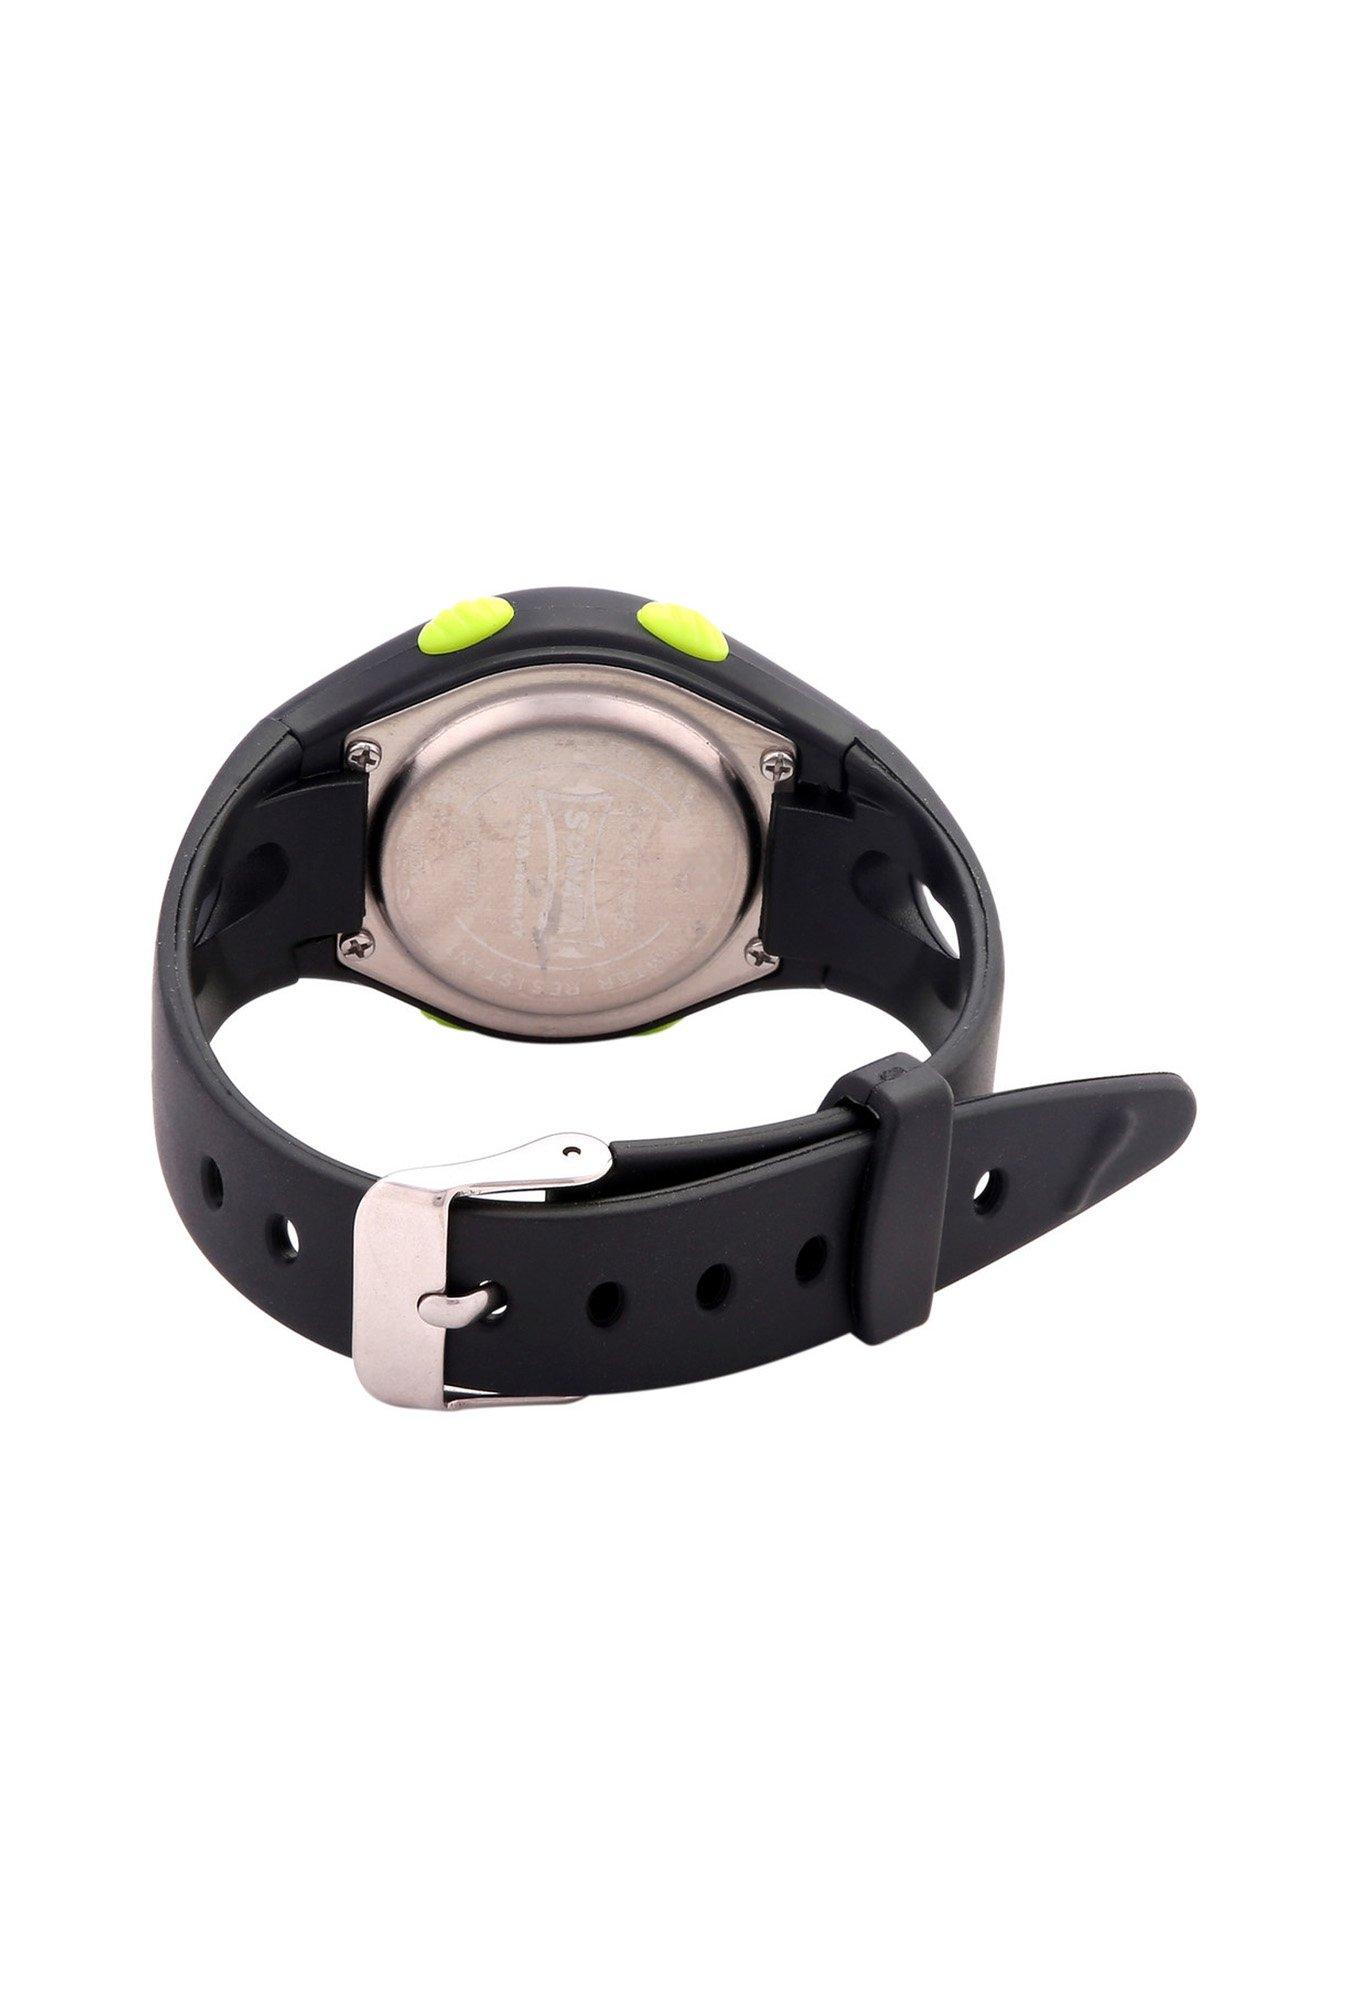 Sonata 87011PP01 Super Fibre Digital Grey Dial Men's Watch (87011PP01)